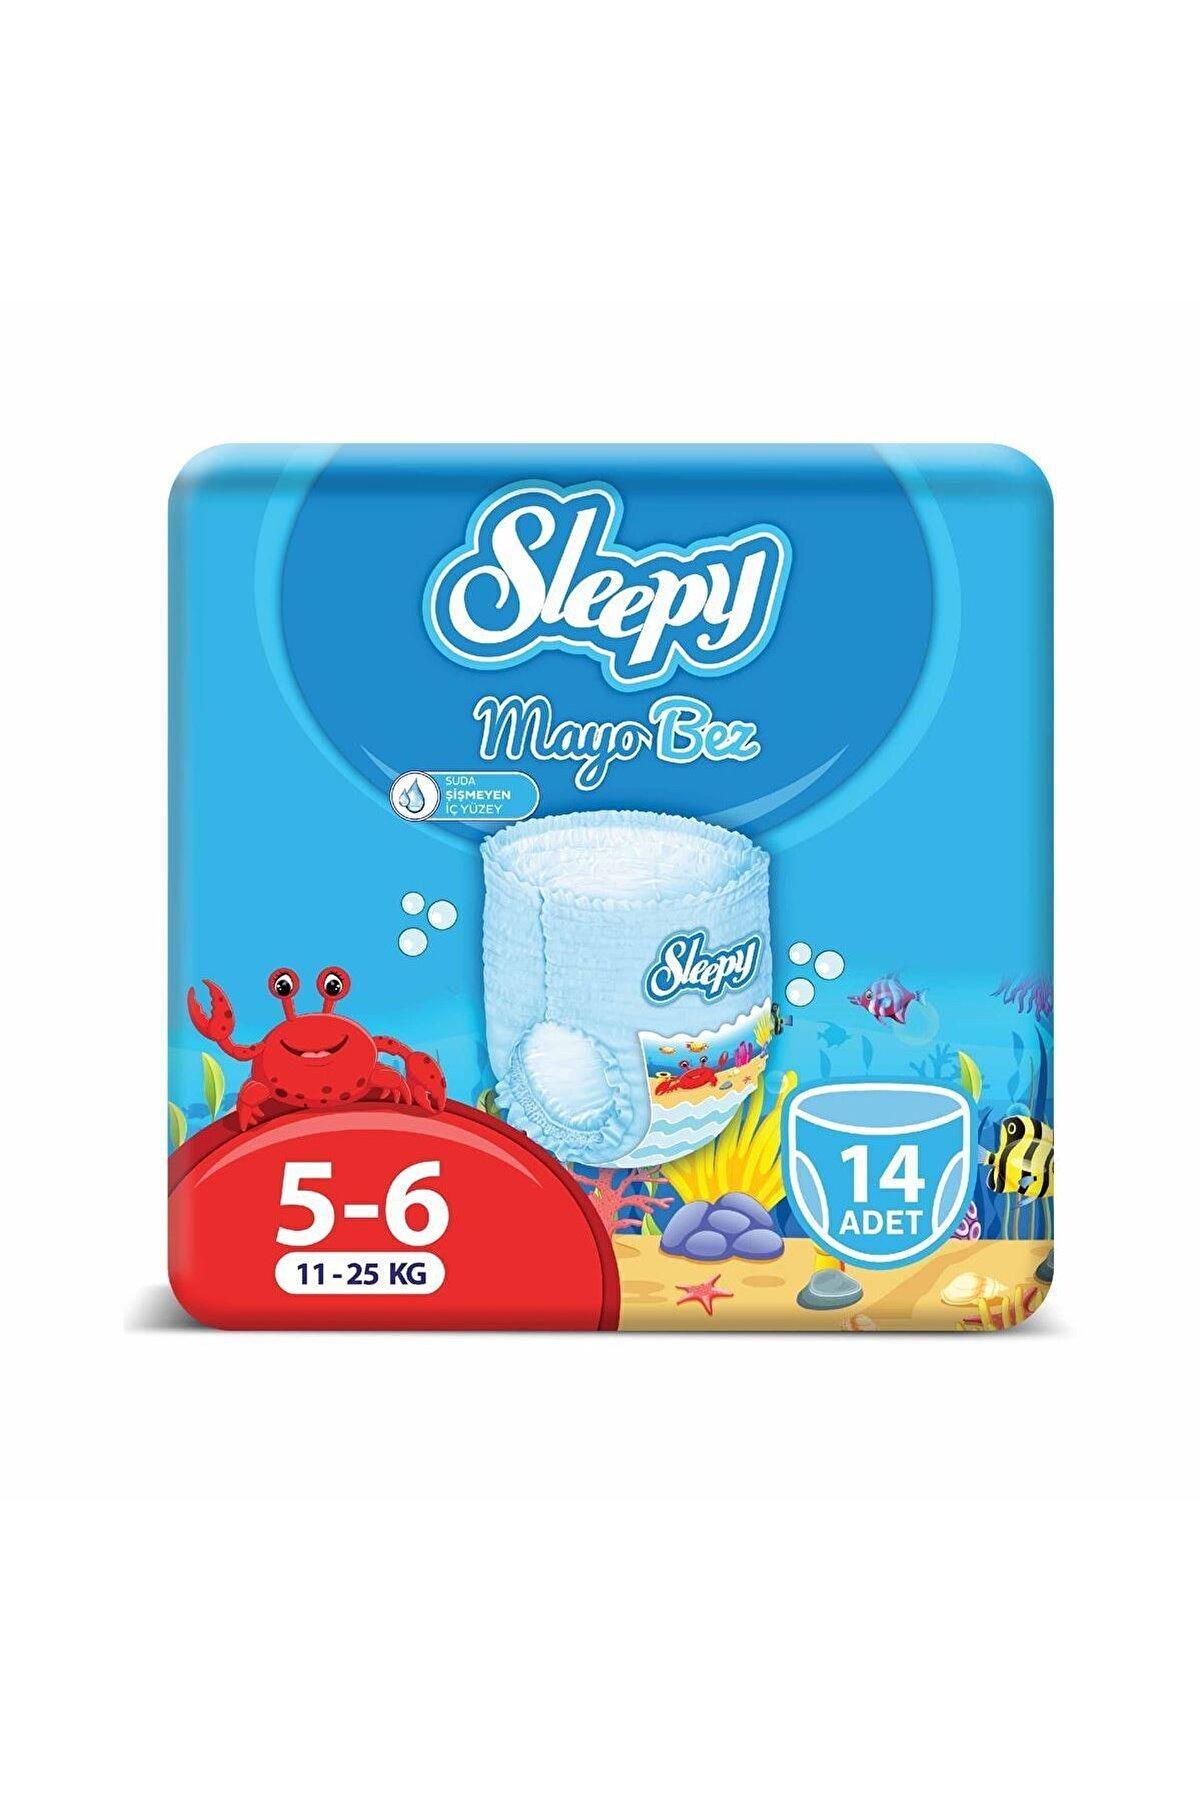 Sleepy 6 Beden Xlarge Mayo Külot Bez 14 Adet 11-25 Kg